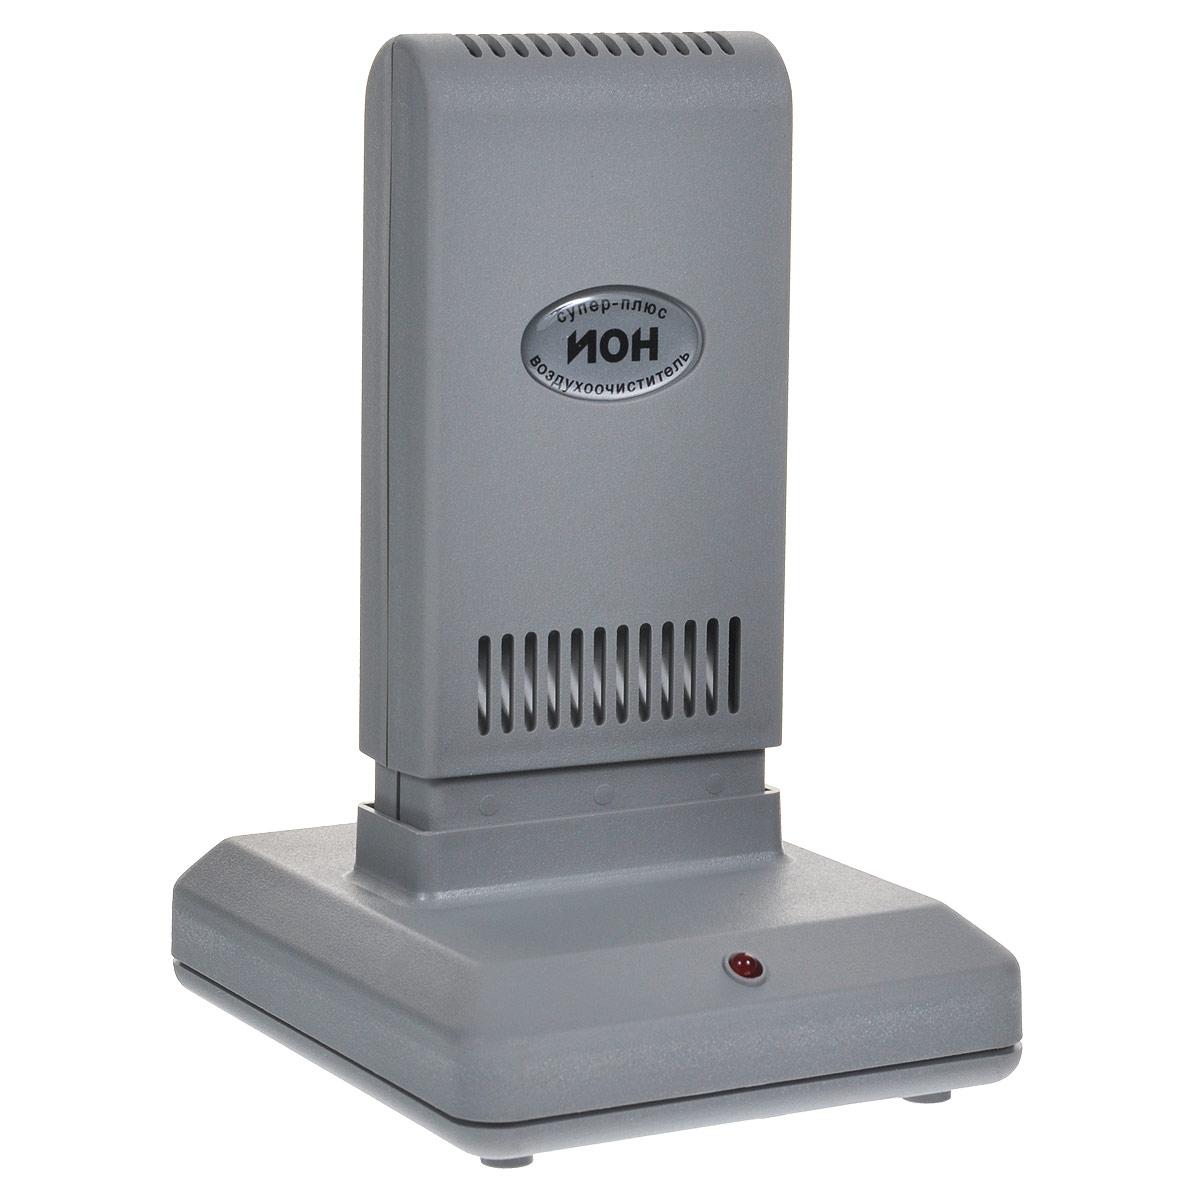 Супер Плюс Ион очиститель-ионизатор воздуха1921Работа прибора Супер Плюс Ион основана на принципе ионного ветра, который возникает в результате коронного разряда и обеспечивает движение потока воздуха через кассету прибора, при этом насыщаются ионами частицы аэрозоля (пыль, дым, микроорганизмы), загрязняющие воздух, всасываются вместе с воздухом в кассету, приобретая электрический заряд и под действием электростатического поля прилипают к осадительным пластинам, расположенным внутри кассеты. Одновременно происходит дополнительная наружная очистка воздуха. Аэрозольные, то есть взвешенные в воздухе, не прошедшие через очистную камеру частицы, взаимодействуют с отрицательными ионами и приобретают отрицательный заряд. Эти частицы притягиваются положительно заряженными поверхностями (это может быть пол, стены, экран телевизора). В результате происходит дополнительная очистка воздуха, а влажную уборку поверхностей рекомендуется проводить чаще. Размер улавливаемых частиц в пределах: 0,3-100 мкм ...